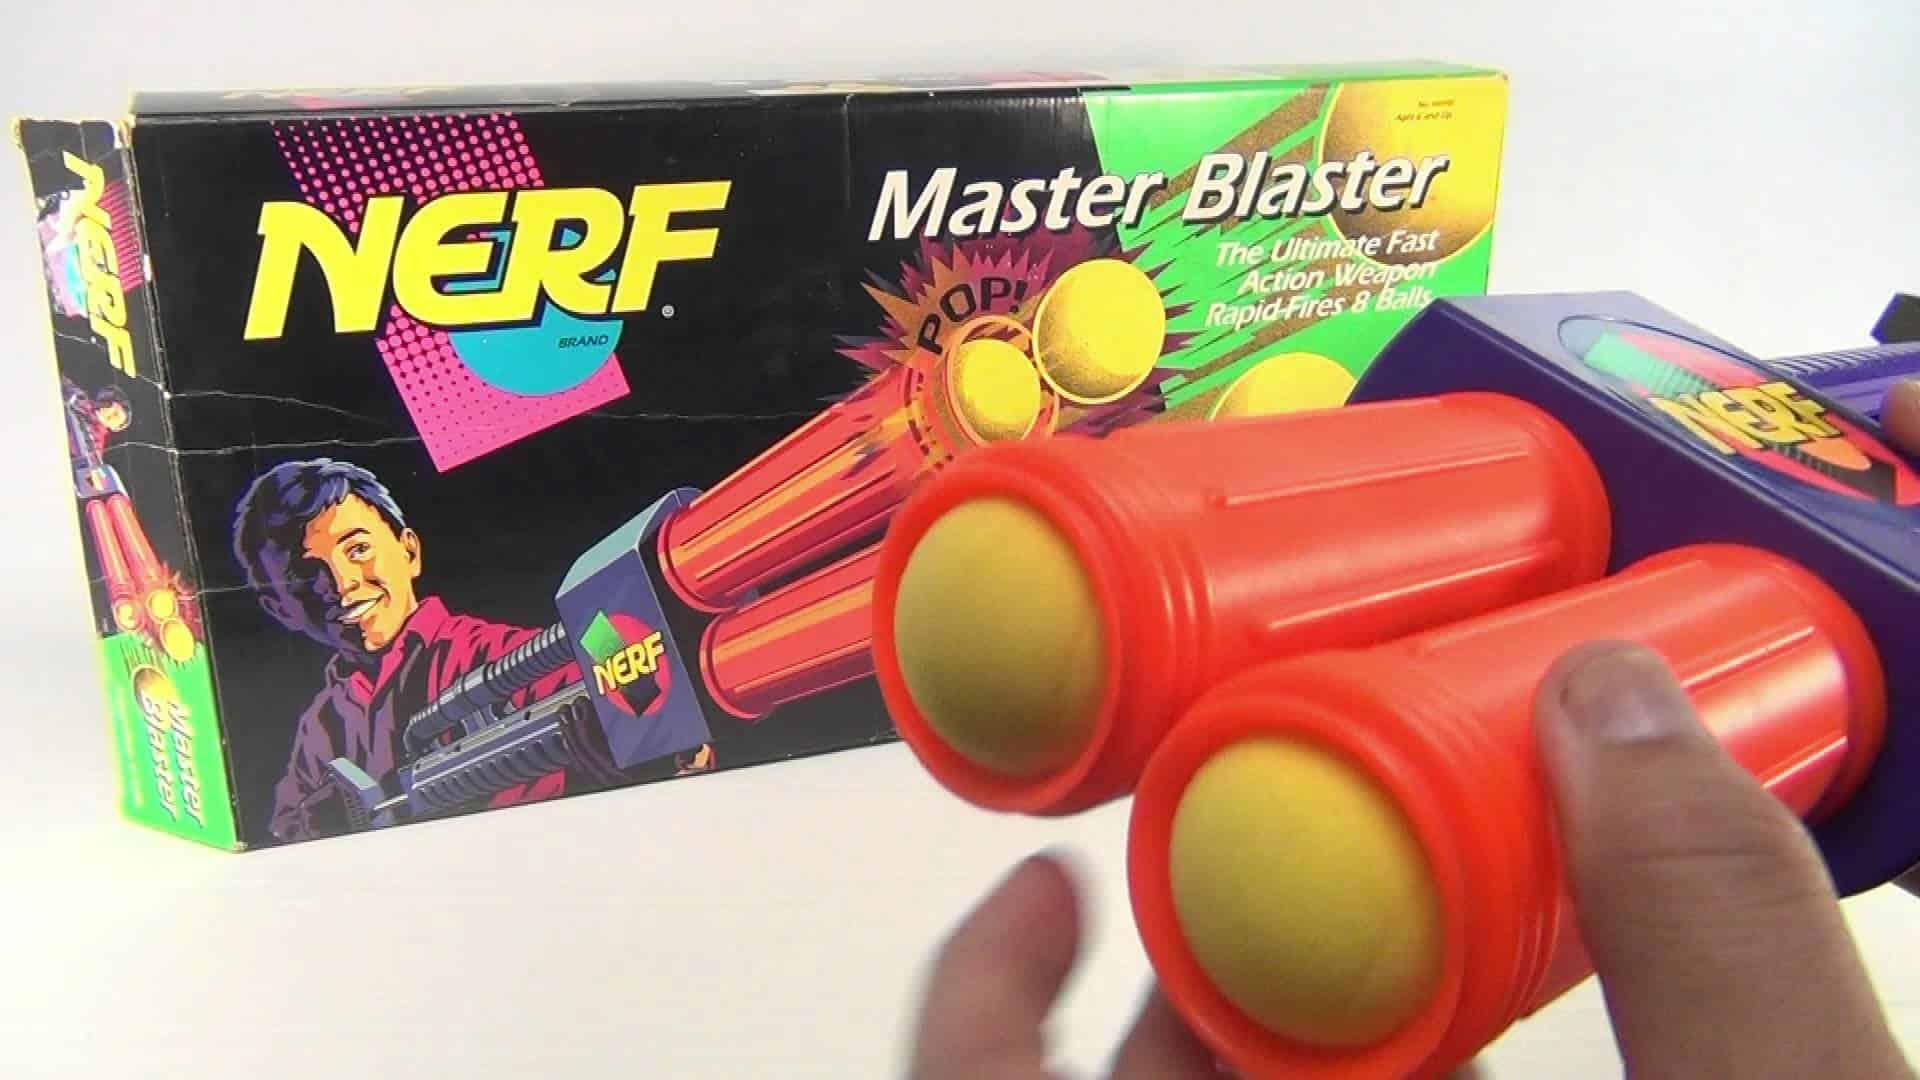 Most Expensive Nerf Guns - Nerf Master Blaster - $150